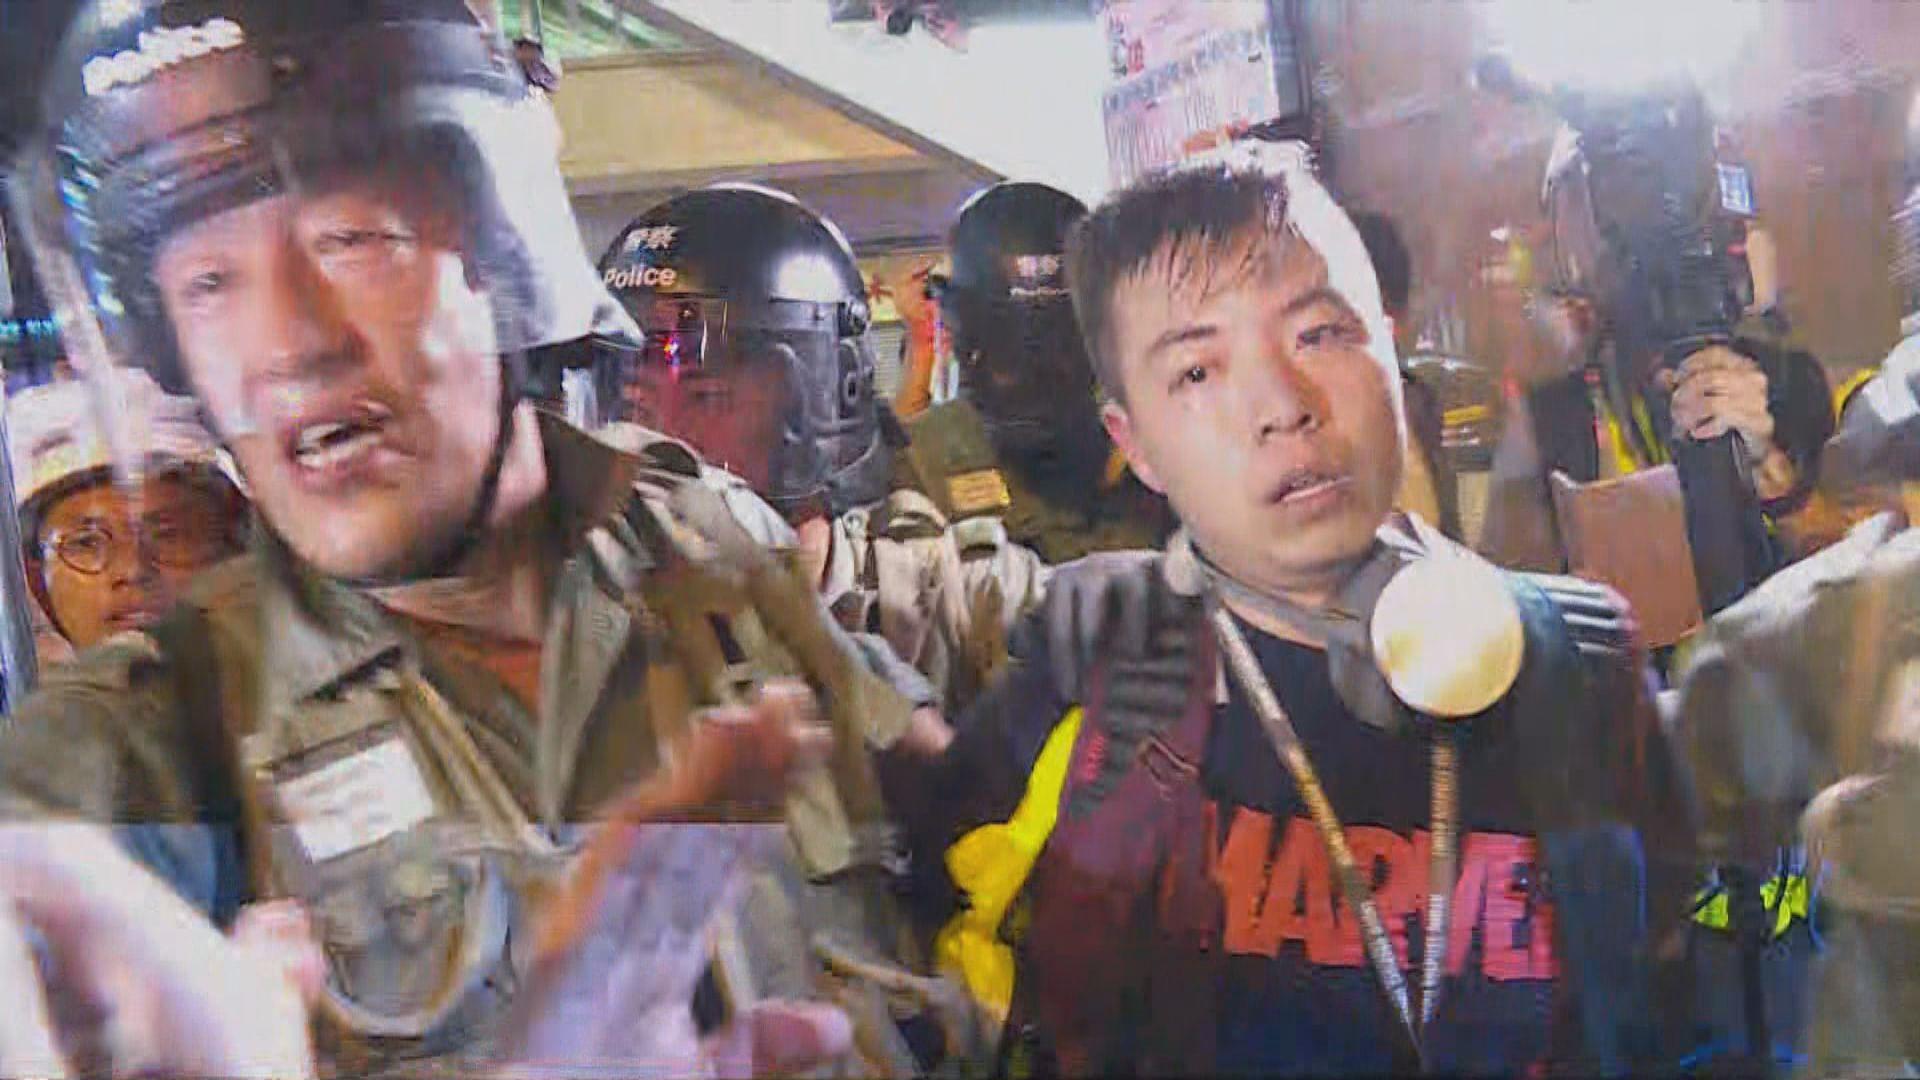 防暴警察基隆街拘捕兩人 現場消息指是記者